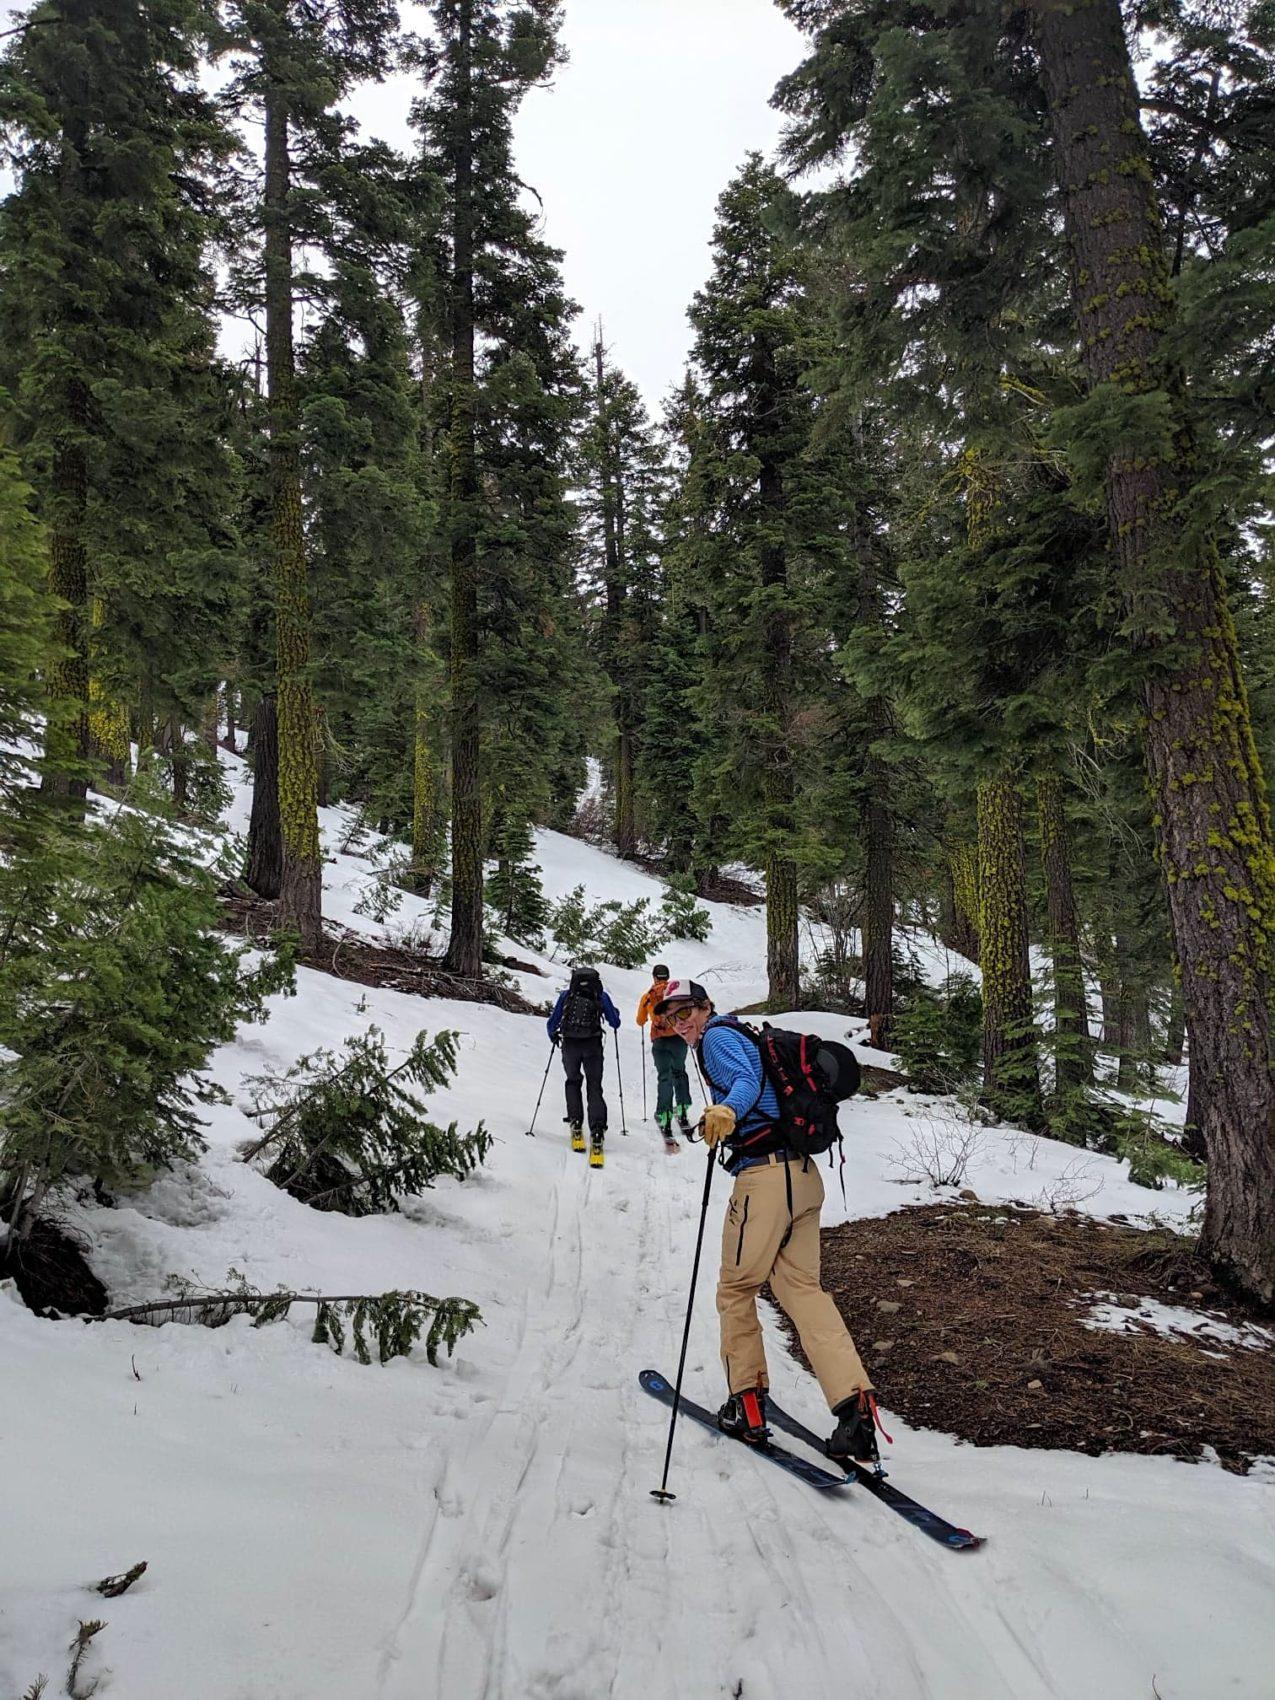 """Lake Tahoe, Backcountry Report: Ripping Fun """"Powder"""" on Fun Terrain"""